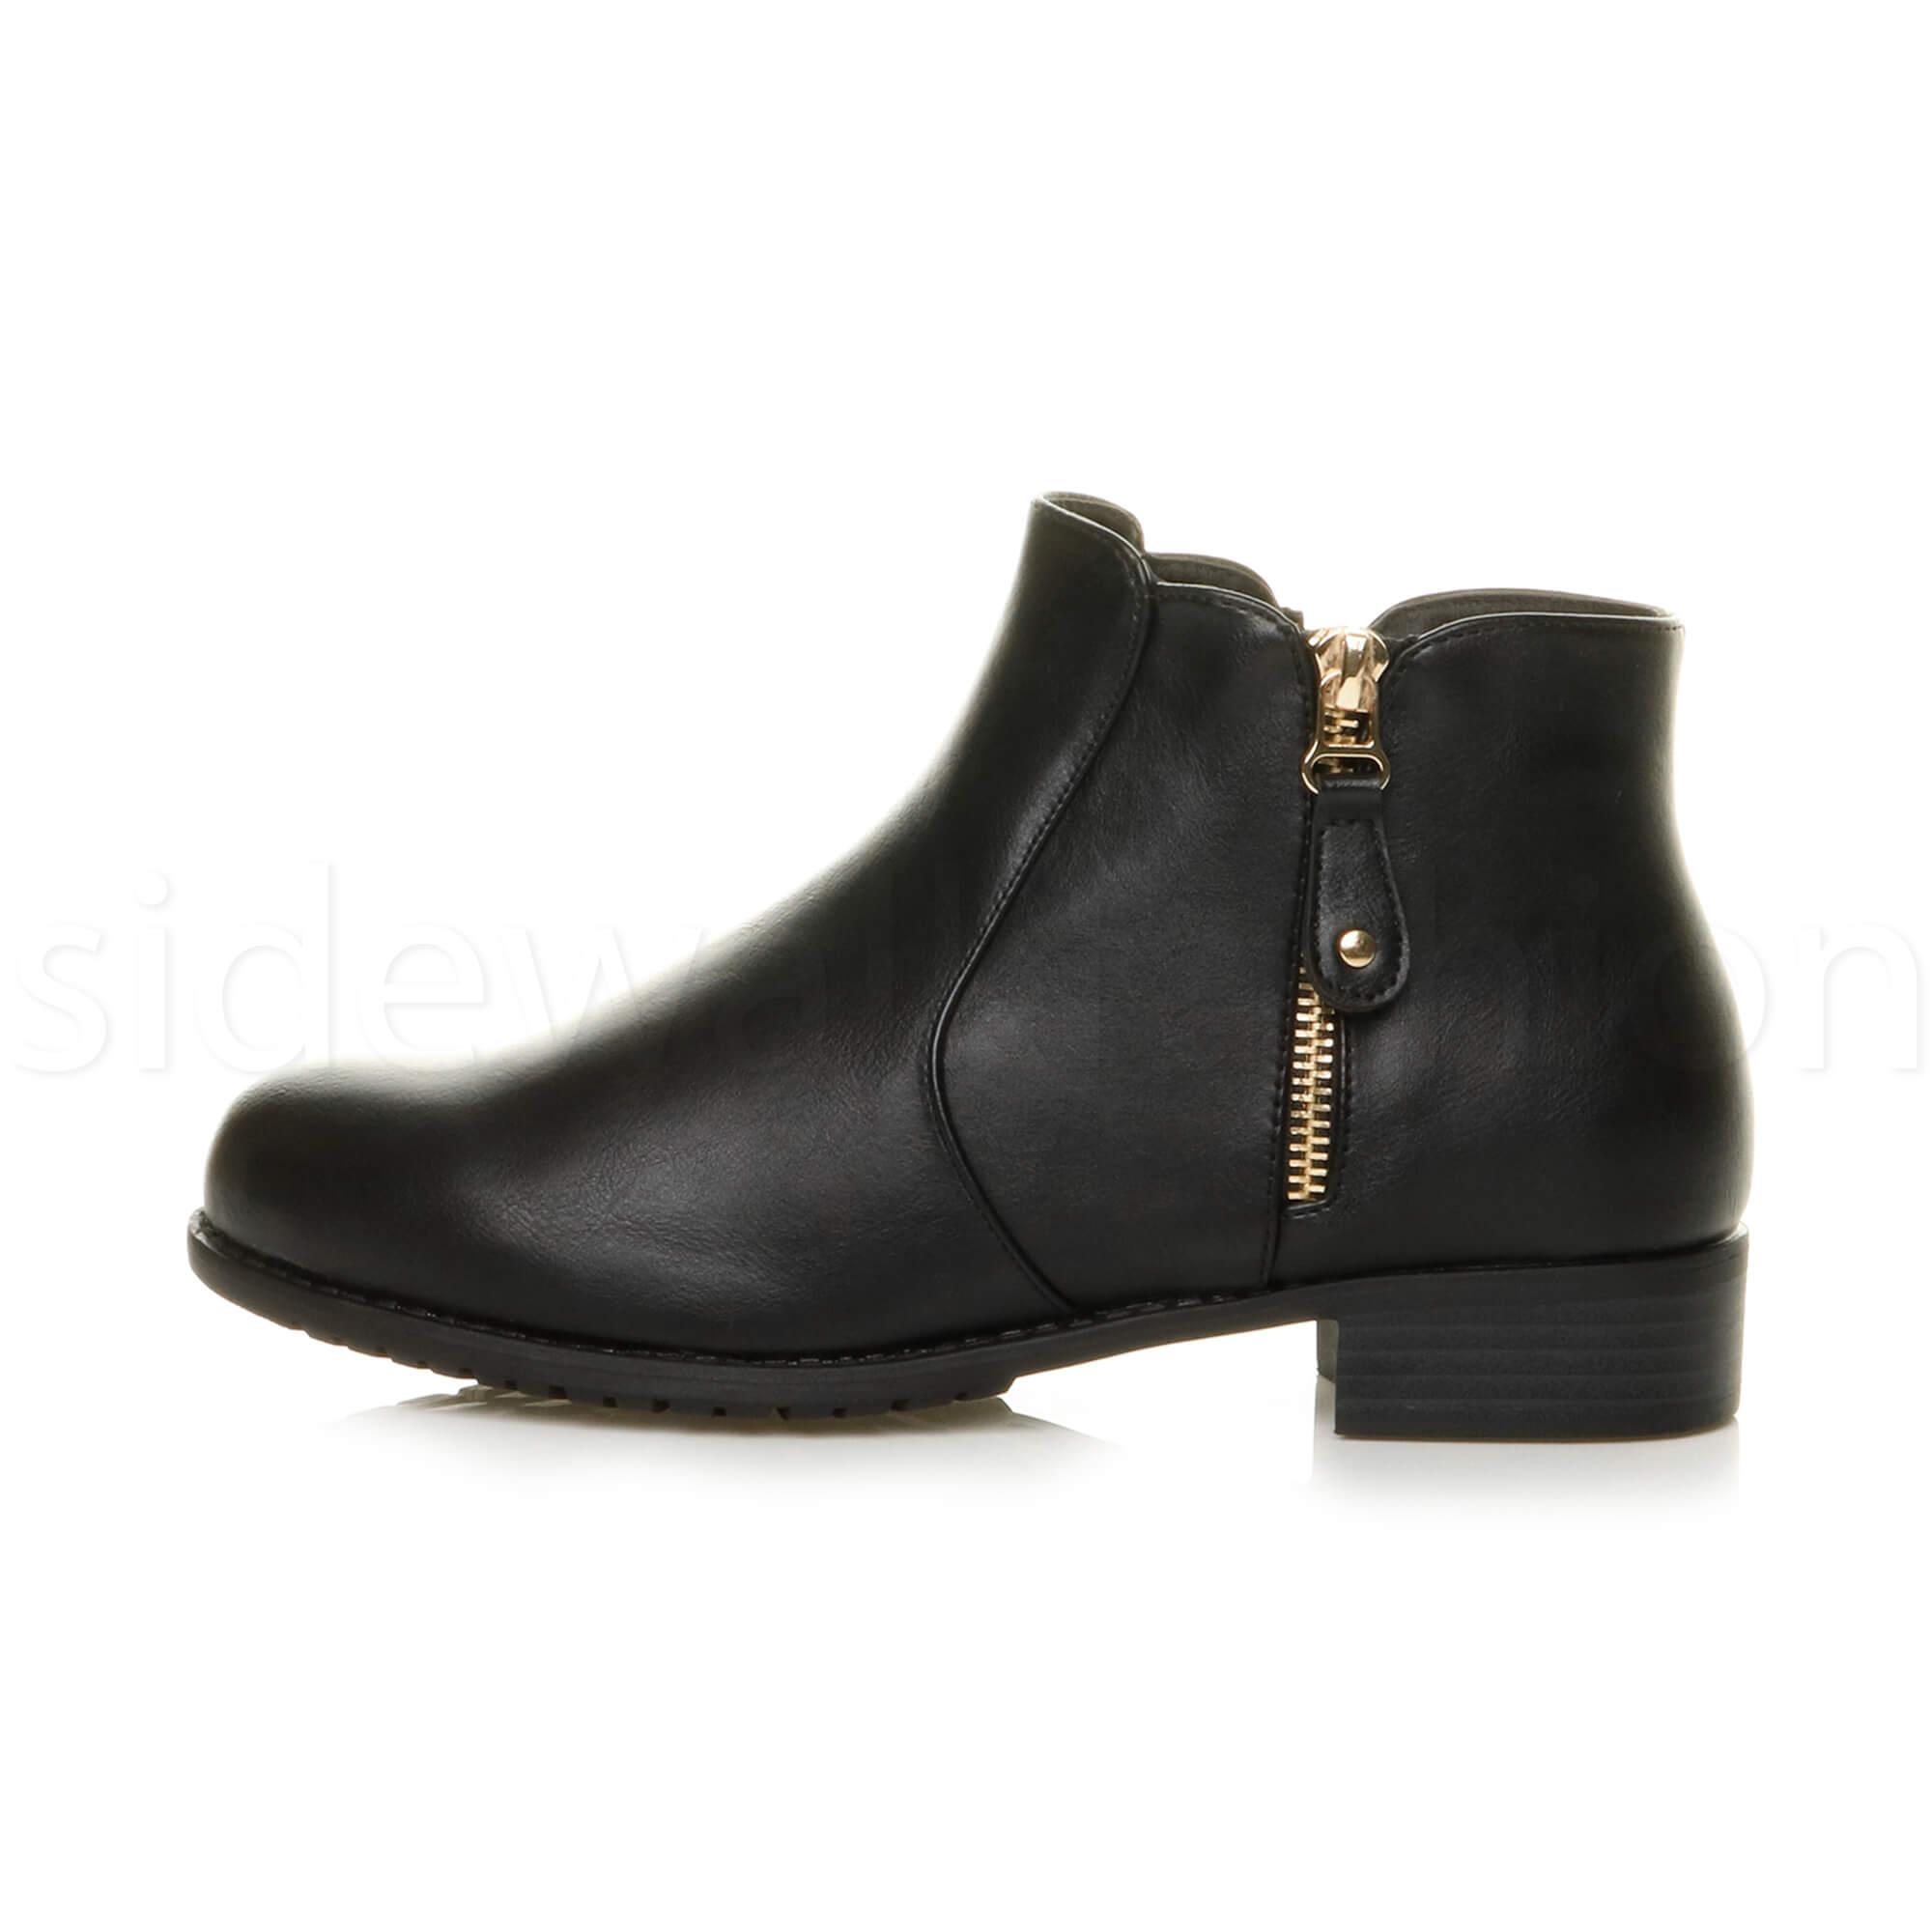 Womens ladies low heel gold zip smart work ankle riding biker boots booties size